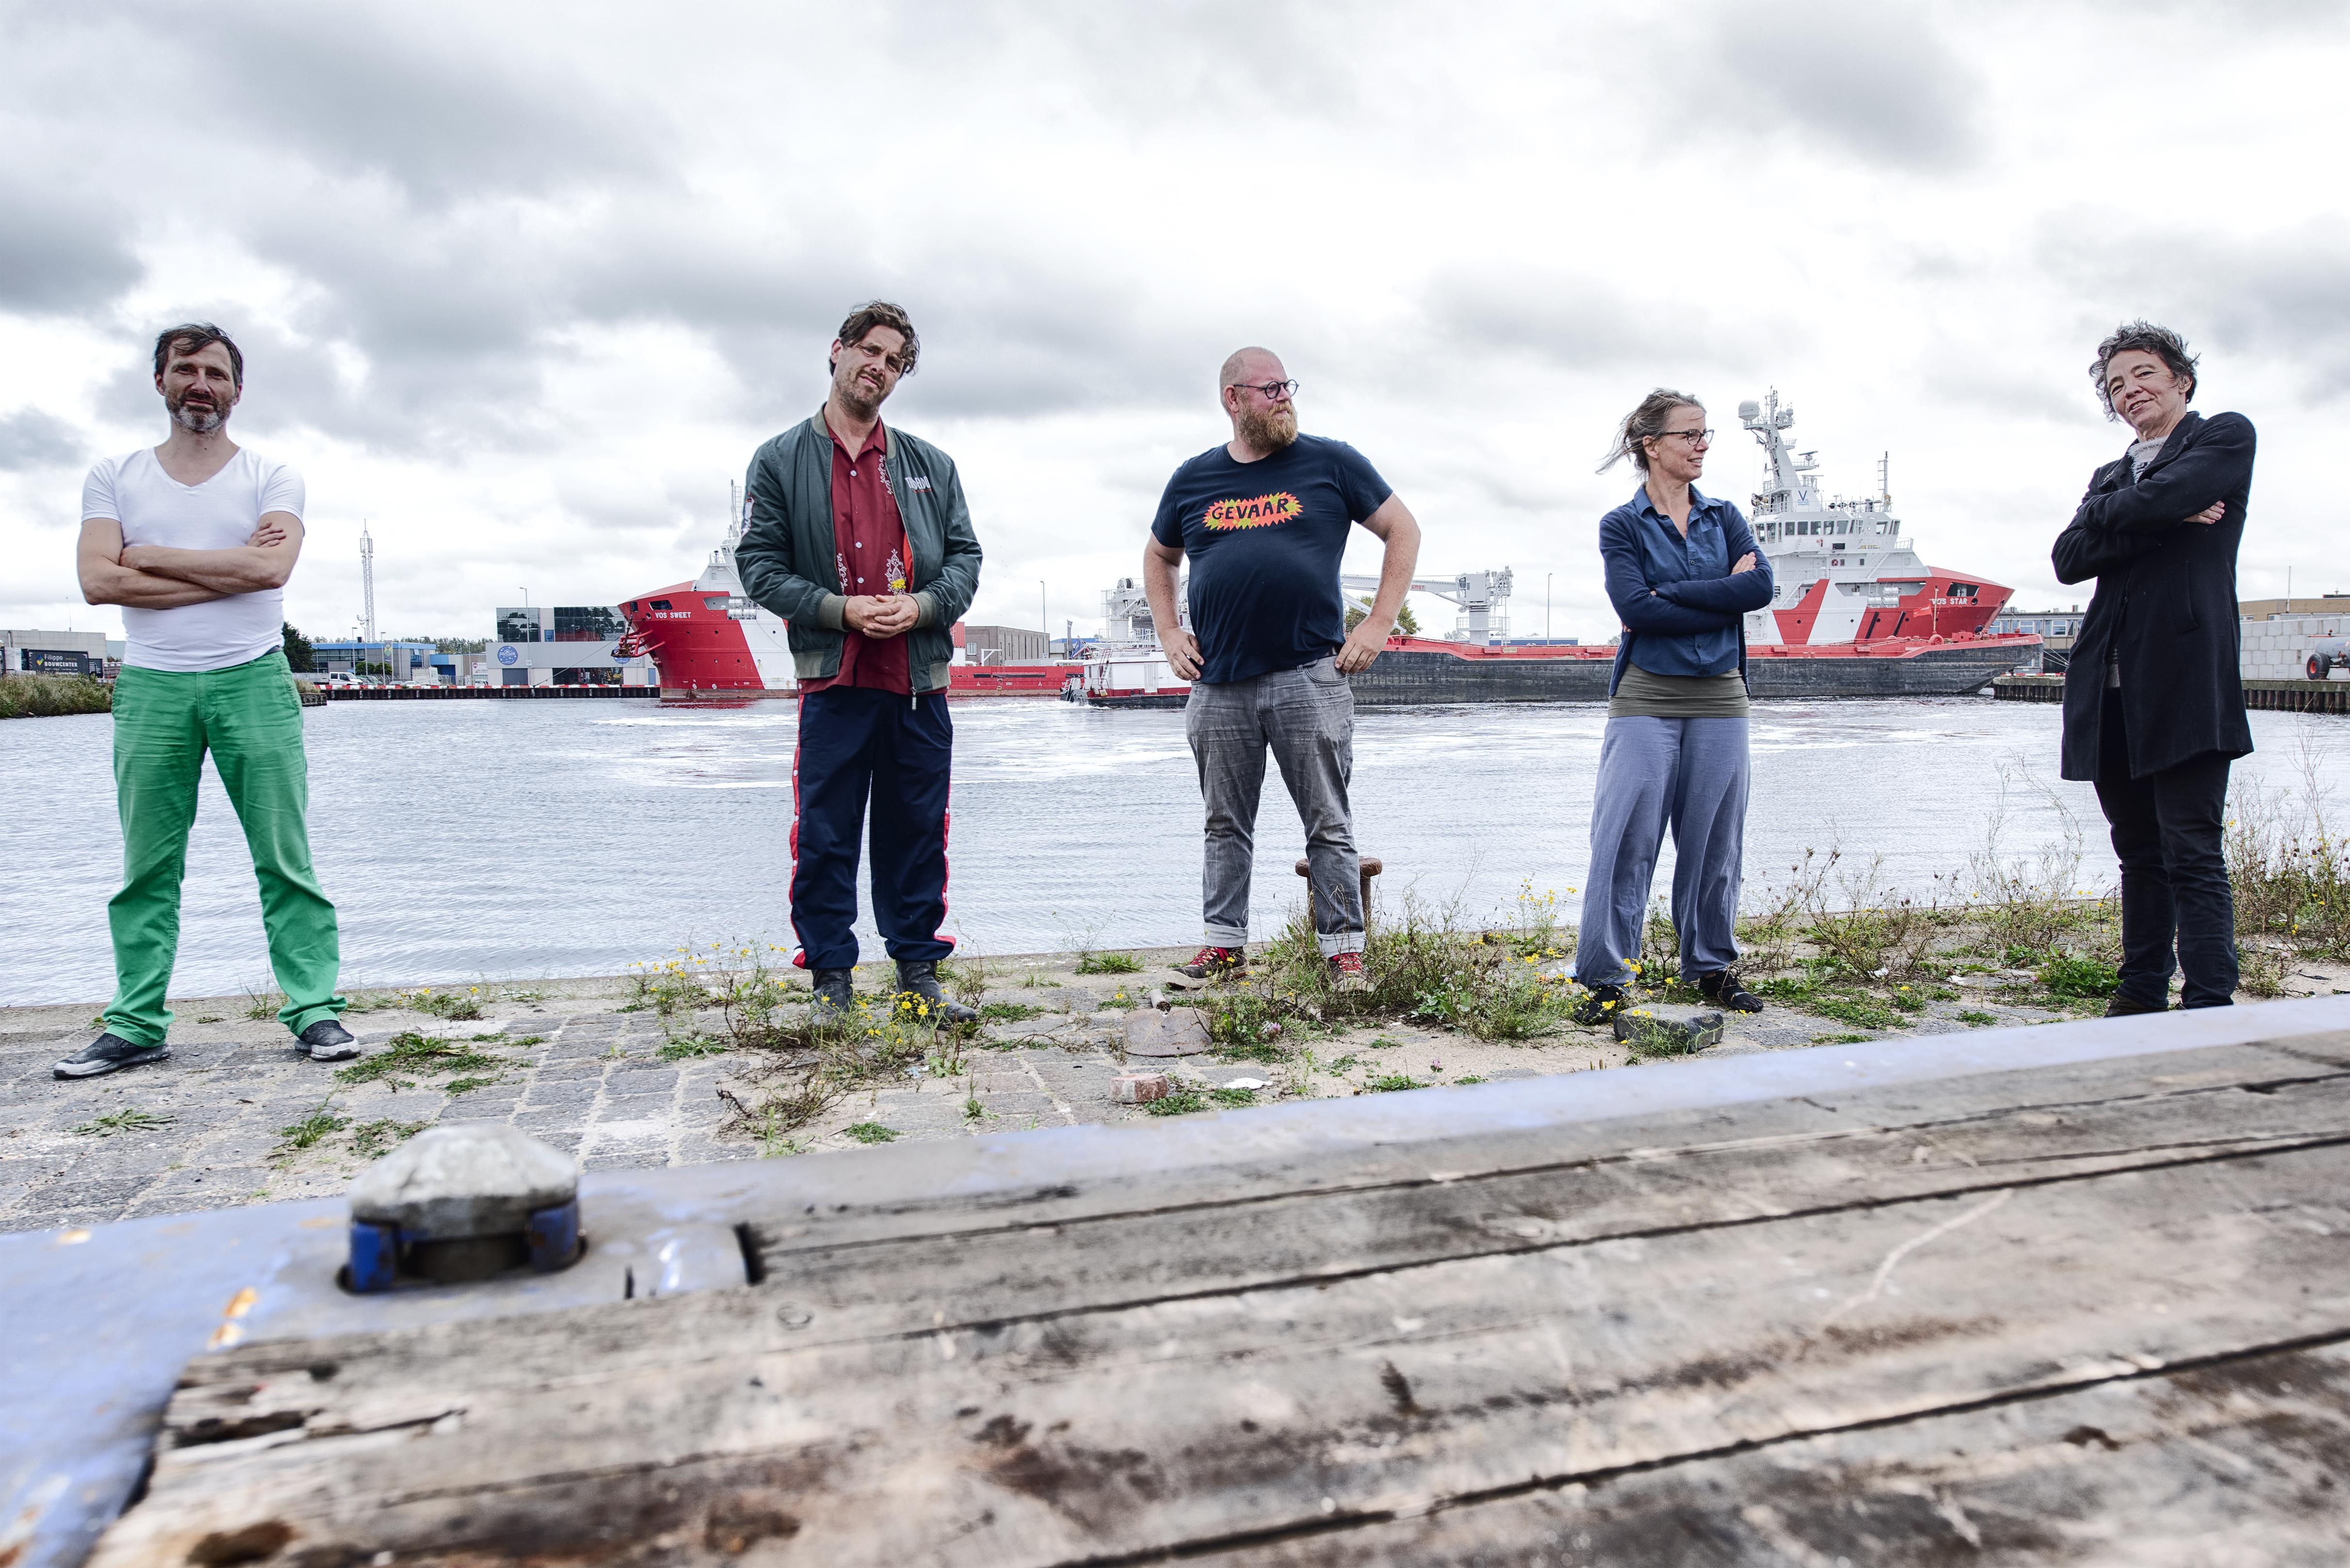 Kunstmanifestatie 'Werken' in Beverwijk: Steven de Peven maakt het havengebied en zichzelf van kant. 'Ik ga kanten oma-gordijntjes aan een stoplicht hangen'